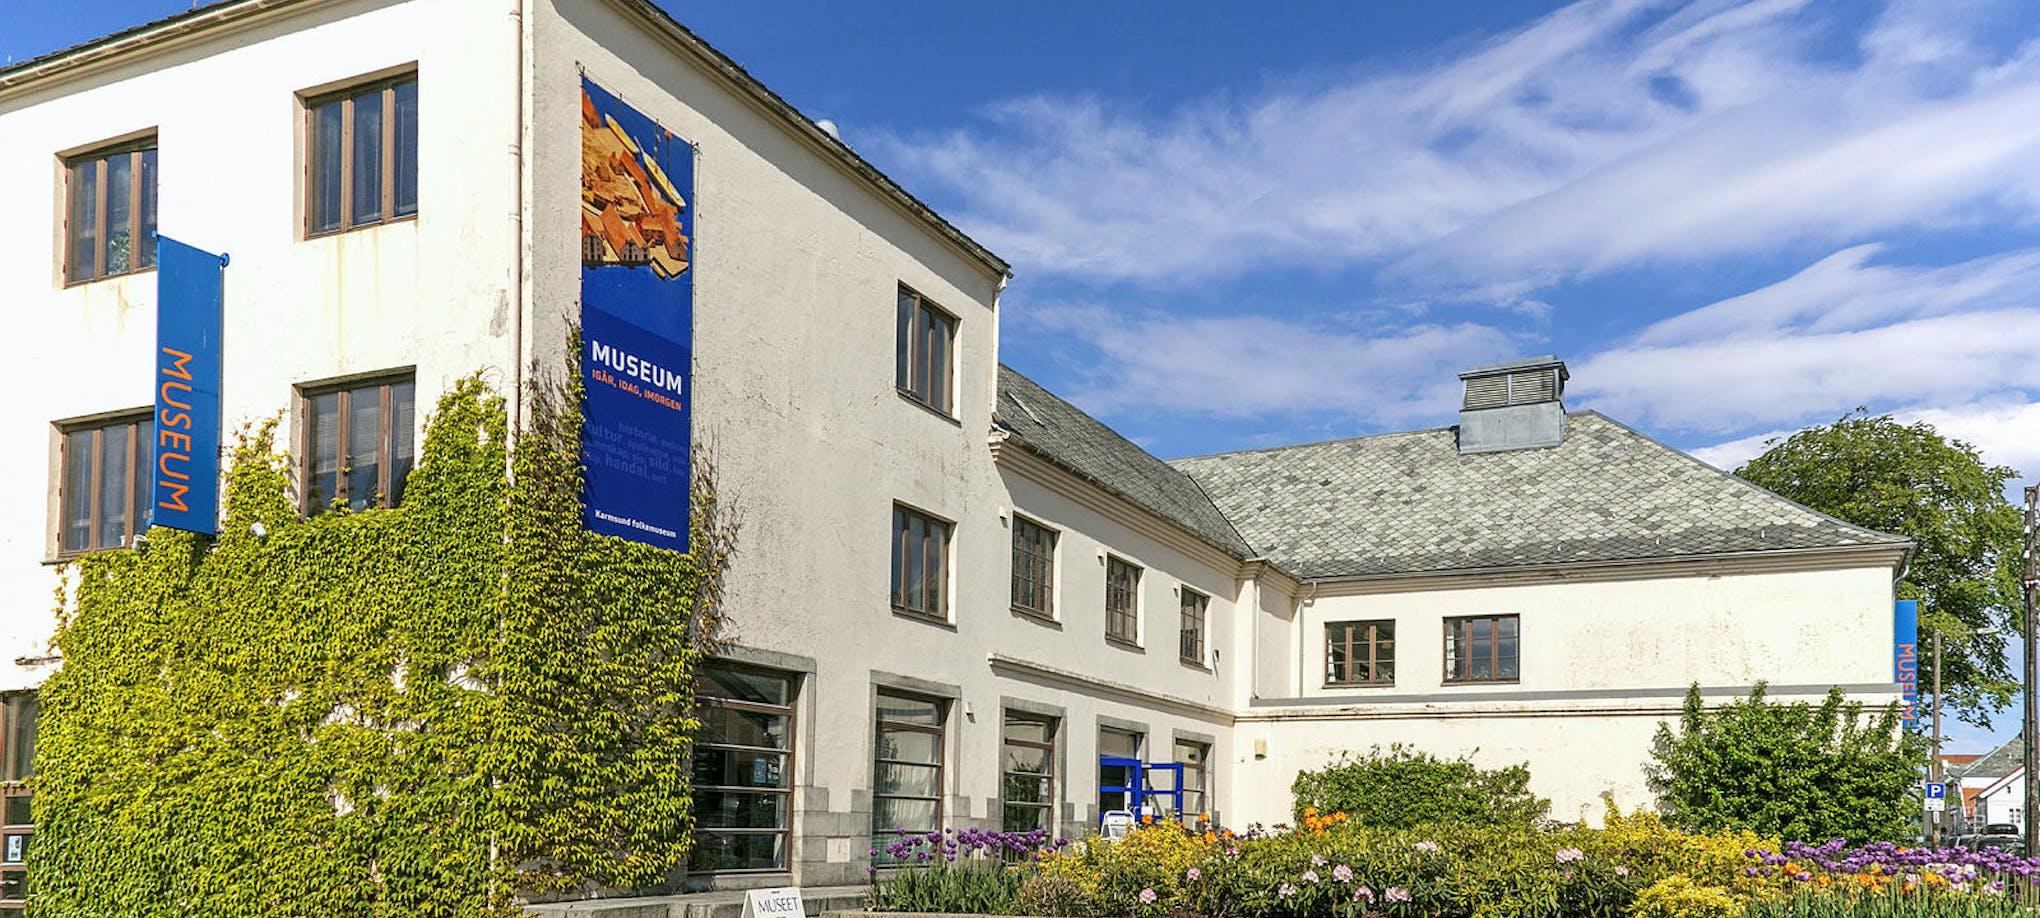 Karmsund folkemuseum